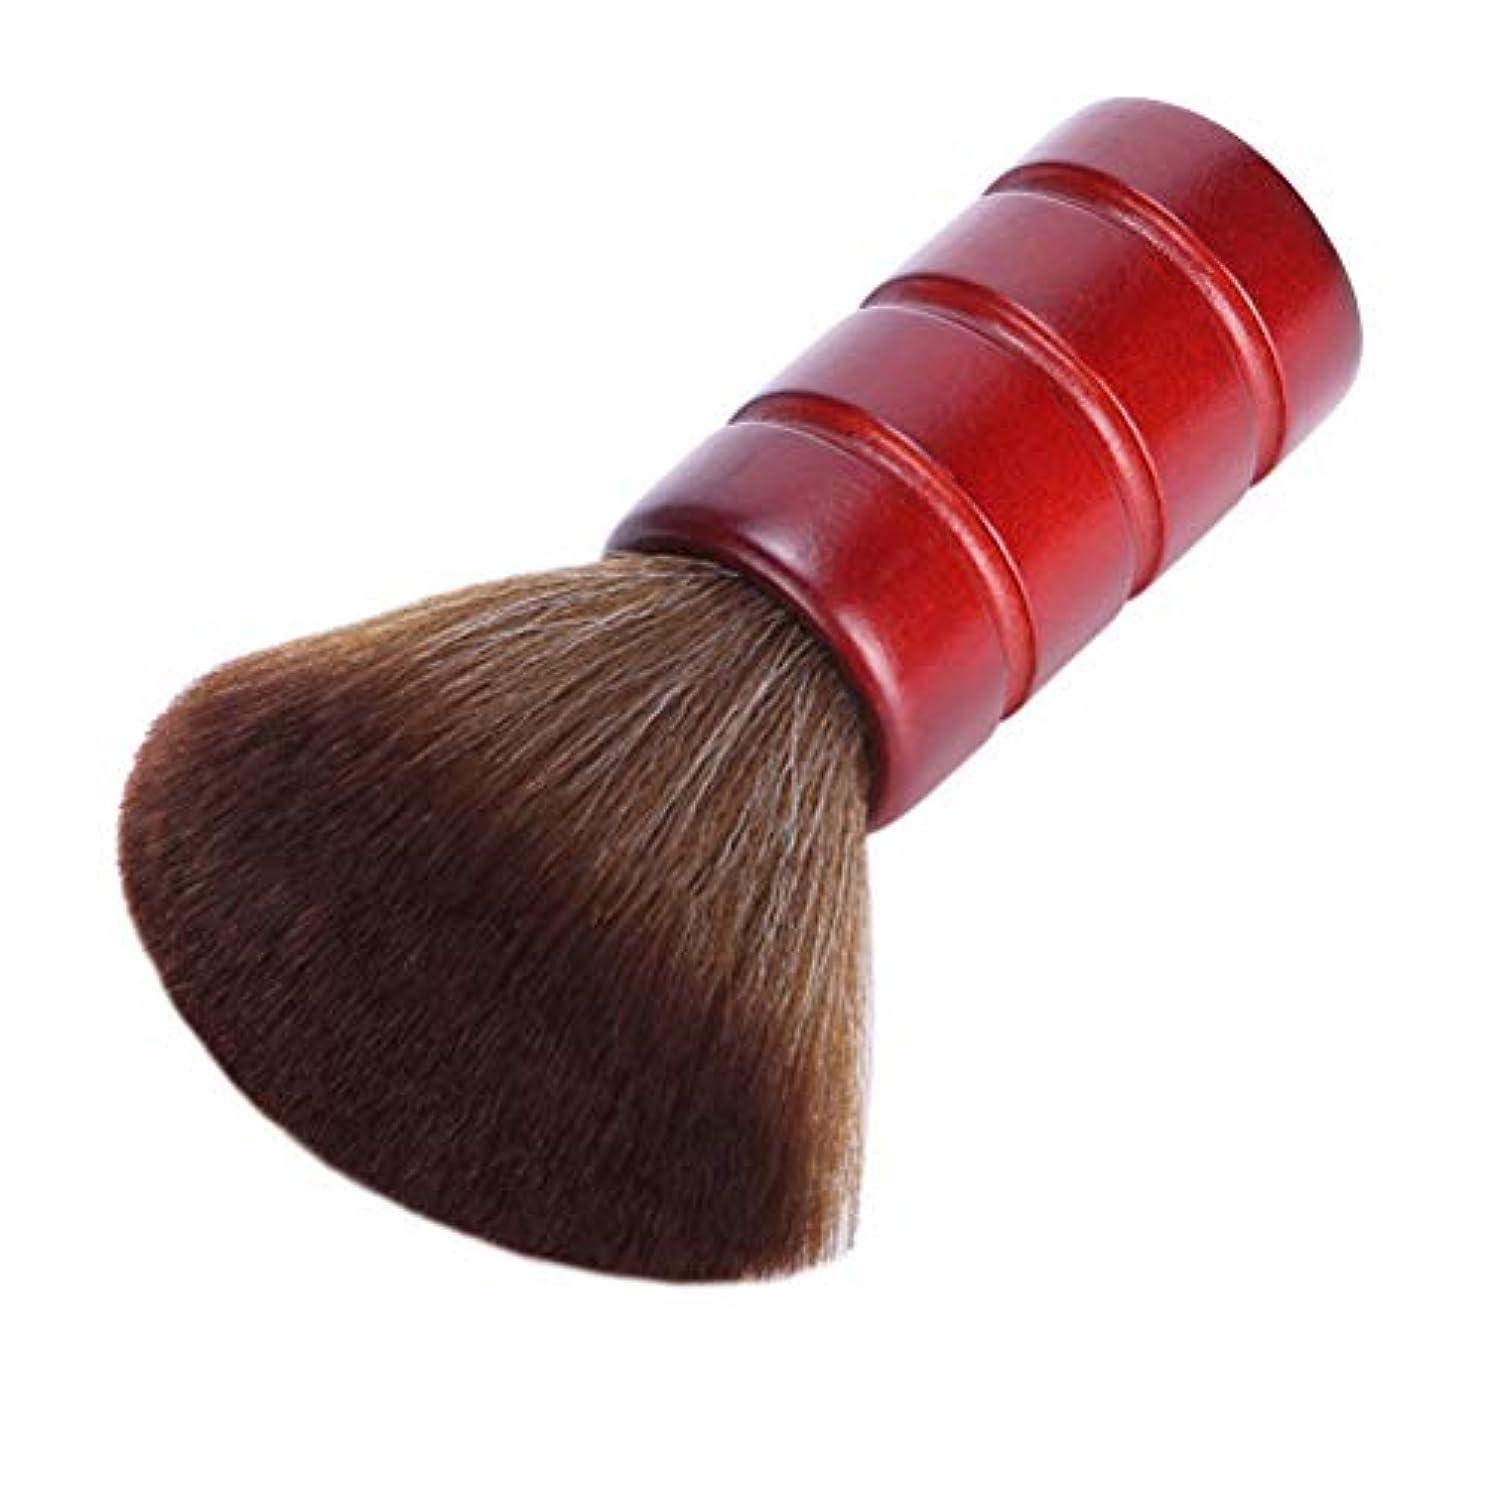 宿題群がる薄汚いLurroseプロフェッショナルヘアカットブラシソフトファイバーフェイスネックダスターブラシ理髪サロン理容ツール